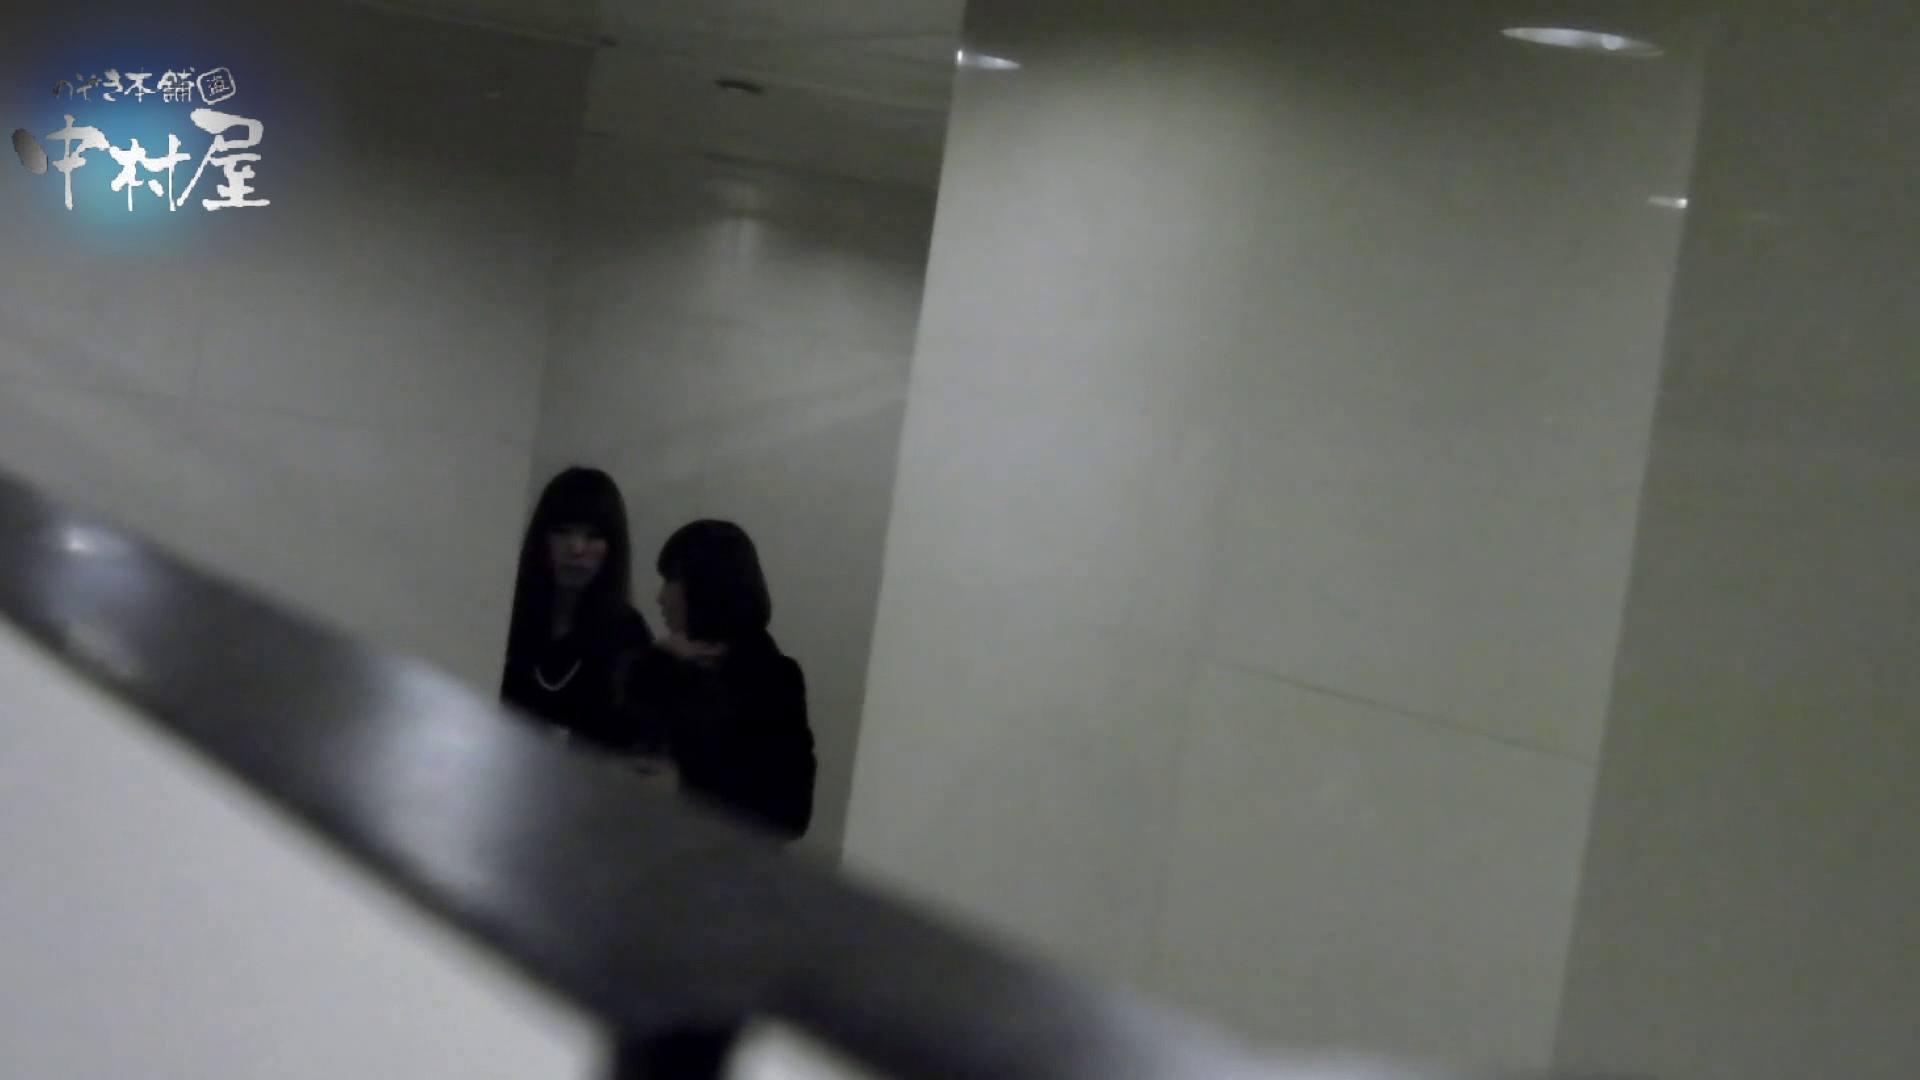 乙女集まる!ショッピングモール潜入撮vol.01 0  84pic 16